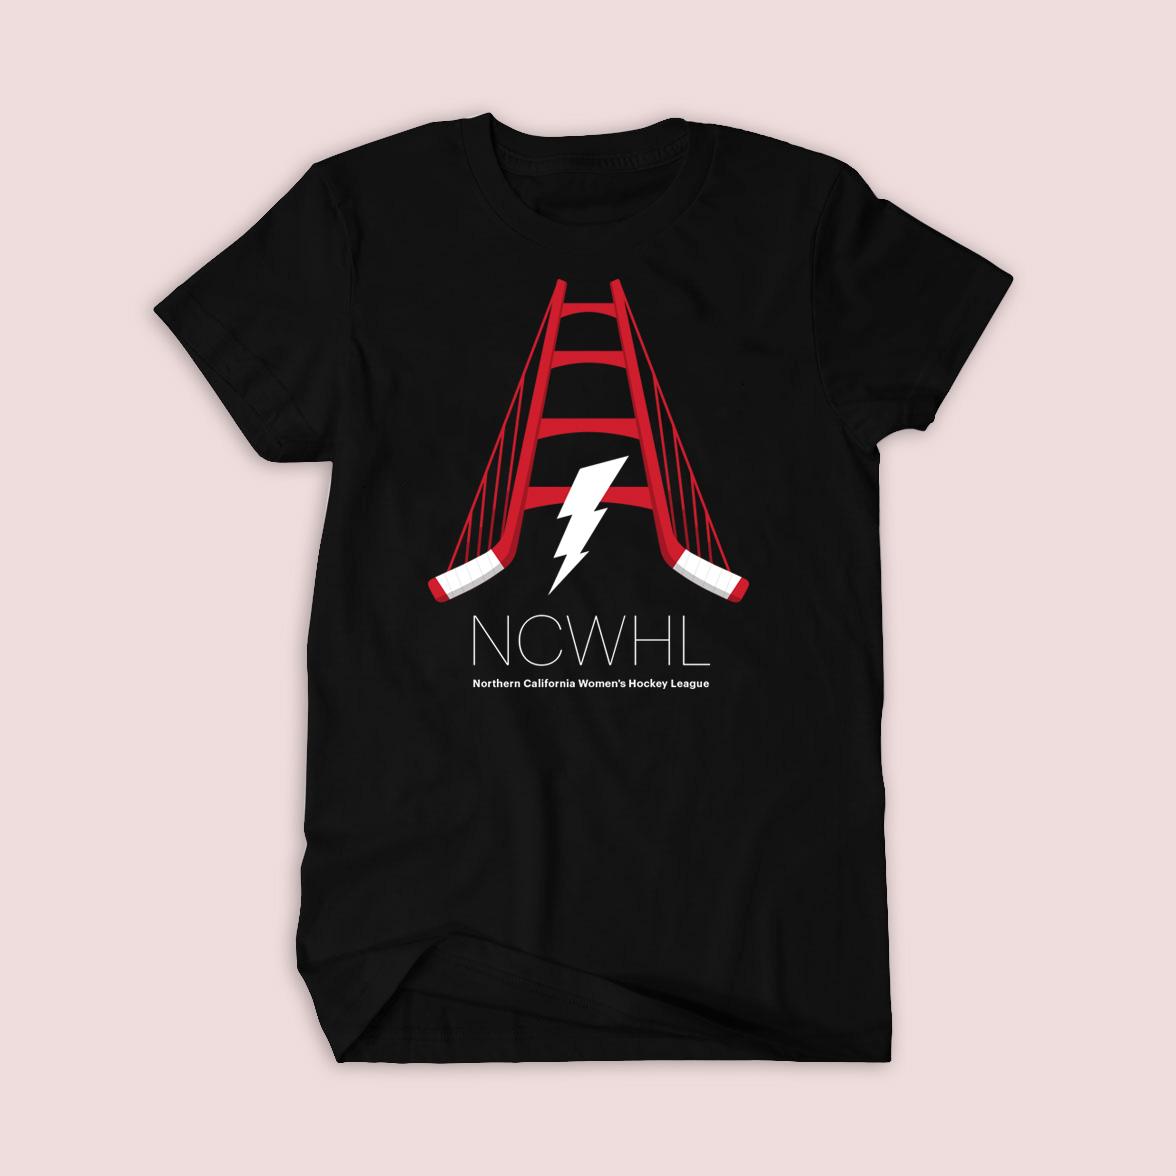 NCWHL-Tshirt-Bridge-OnShirt.jpg